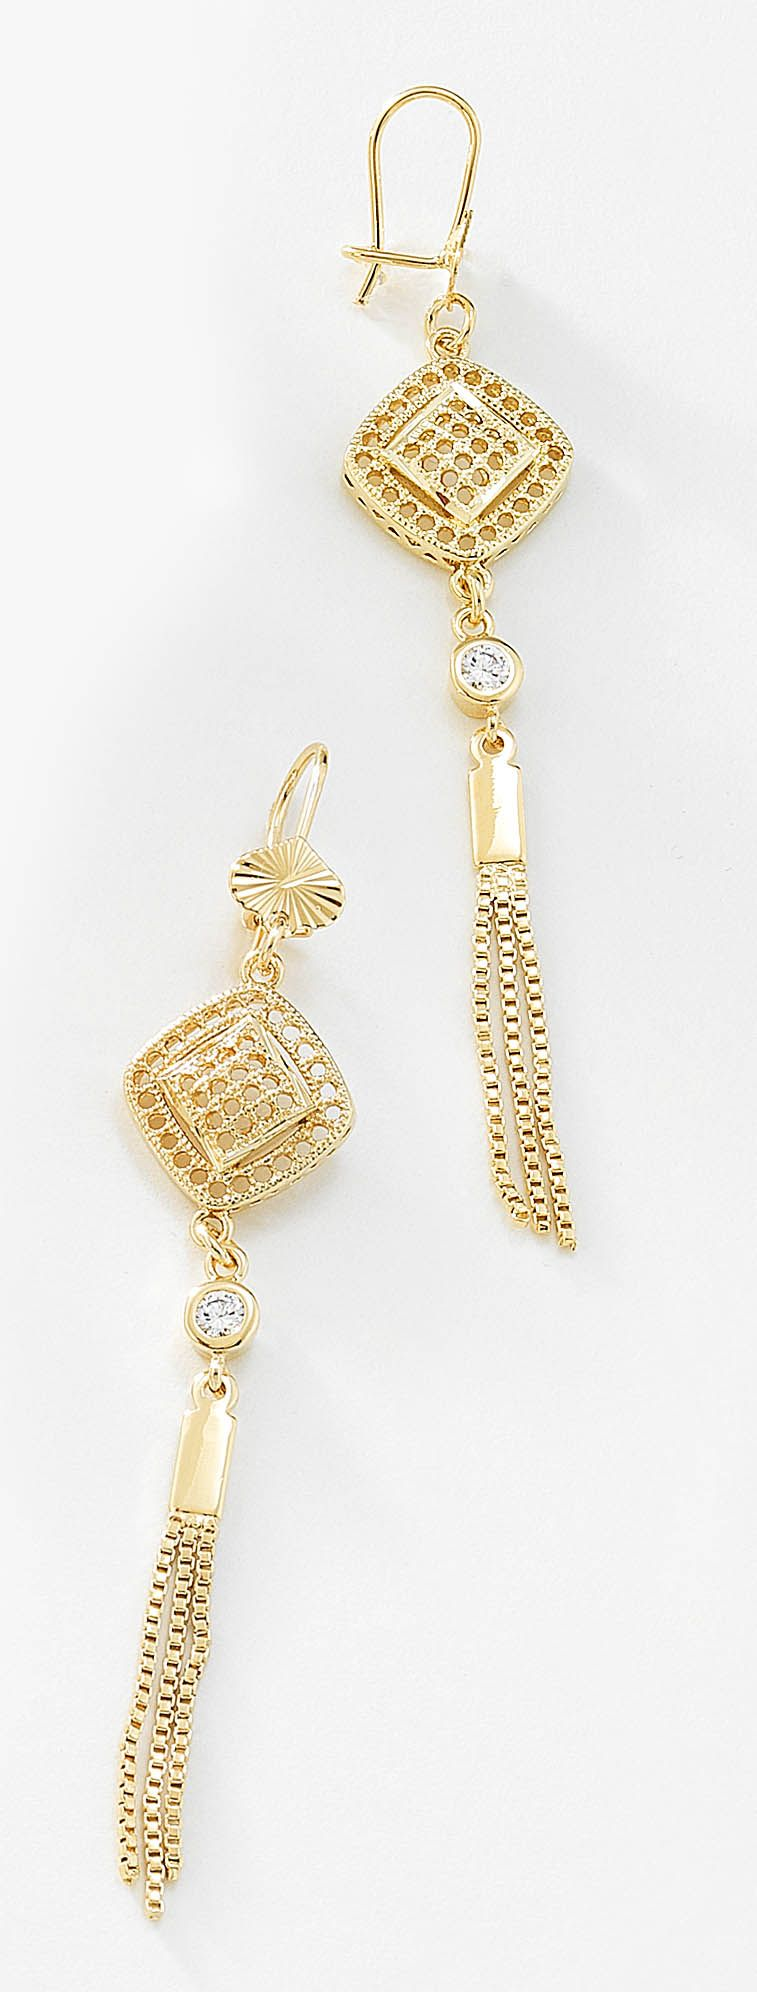 c079a1482a2c Aretes largos con pequeñas tiras de cadenas en 4 baños de oro de 18 ...